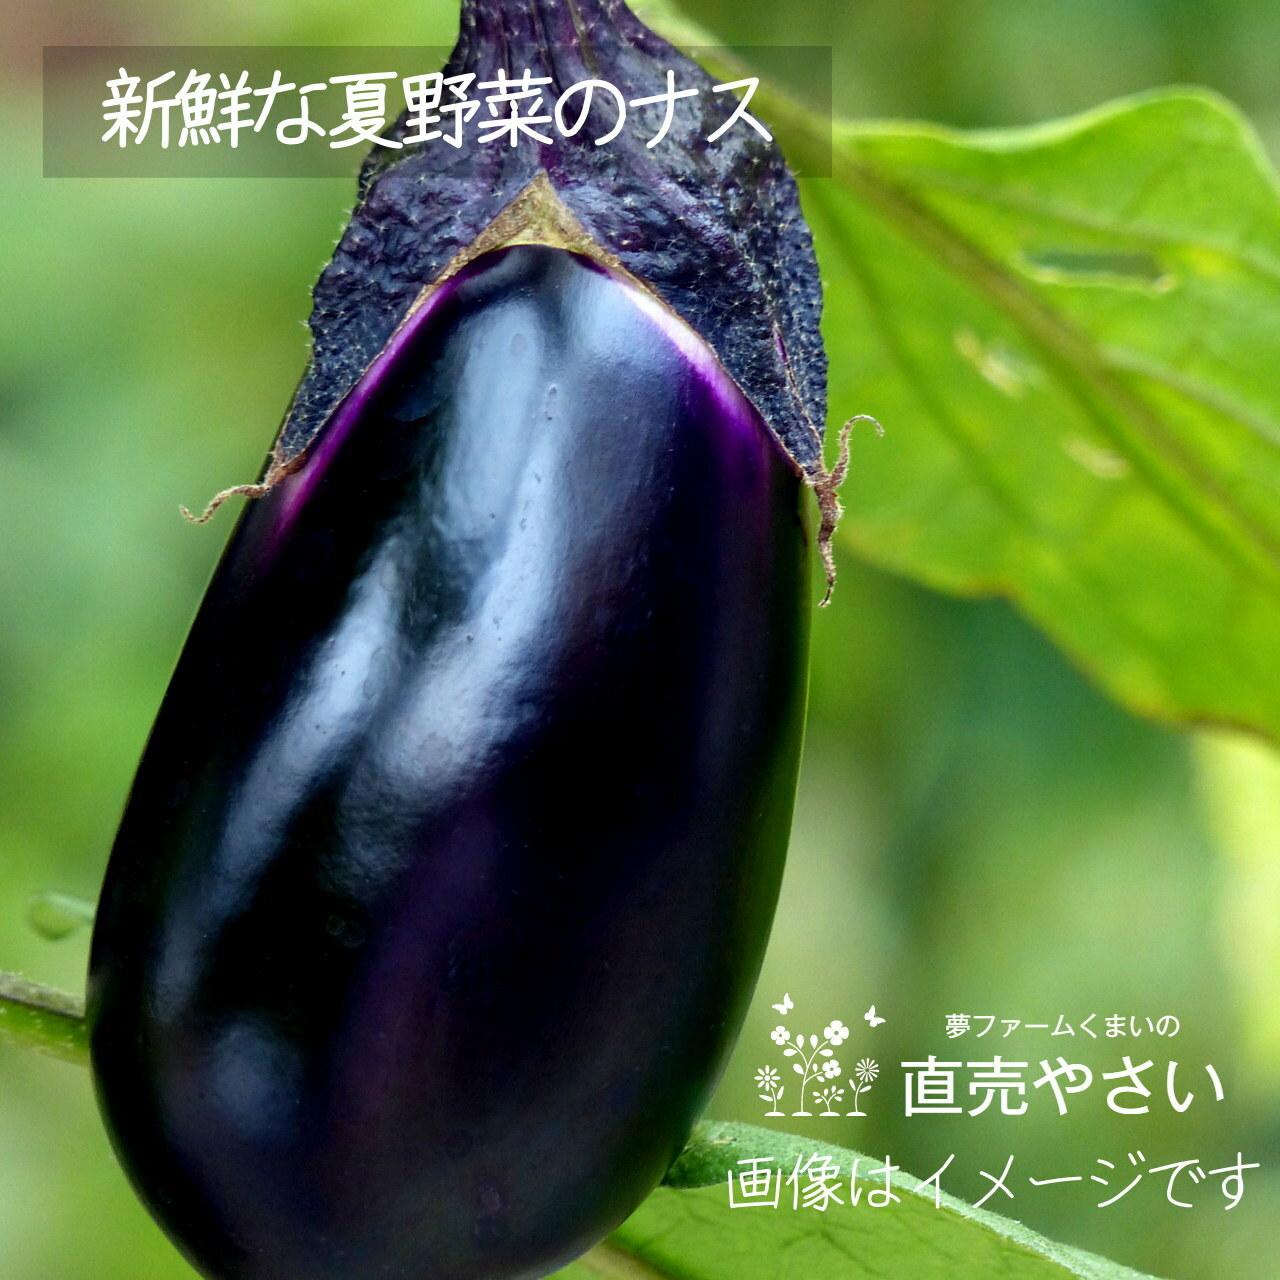 8月の朝採り直売野菜 : ナス 約350g 新鮮な夏野菜 8月22日発送予定